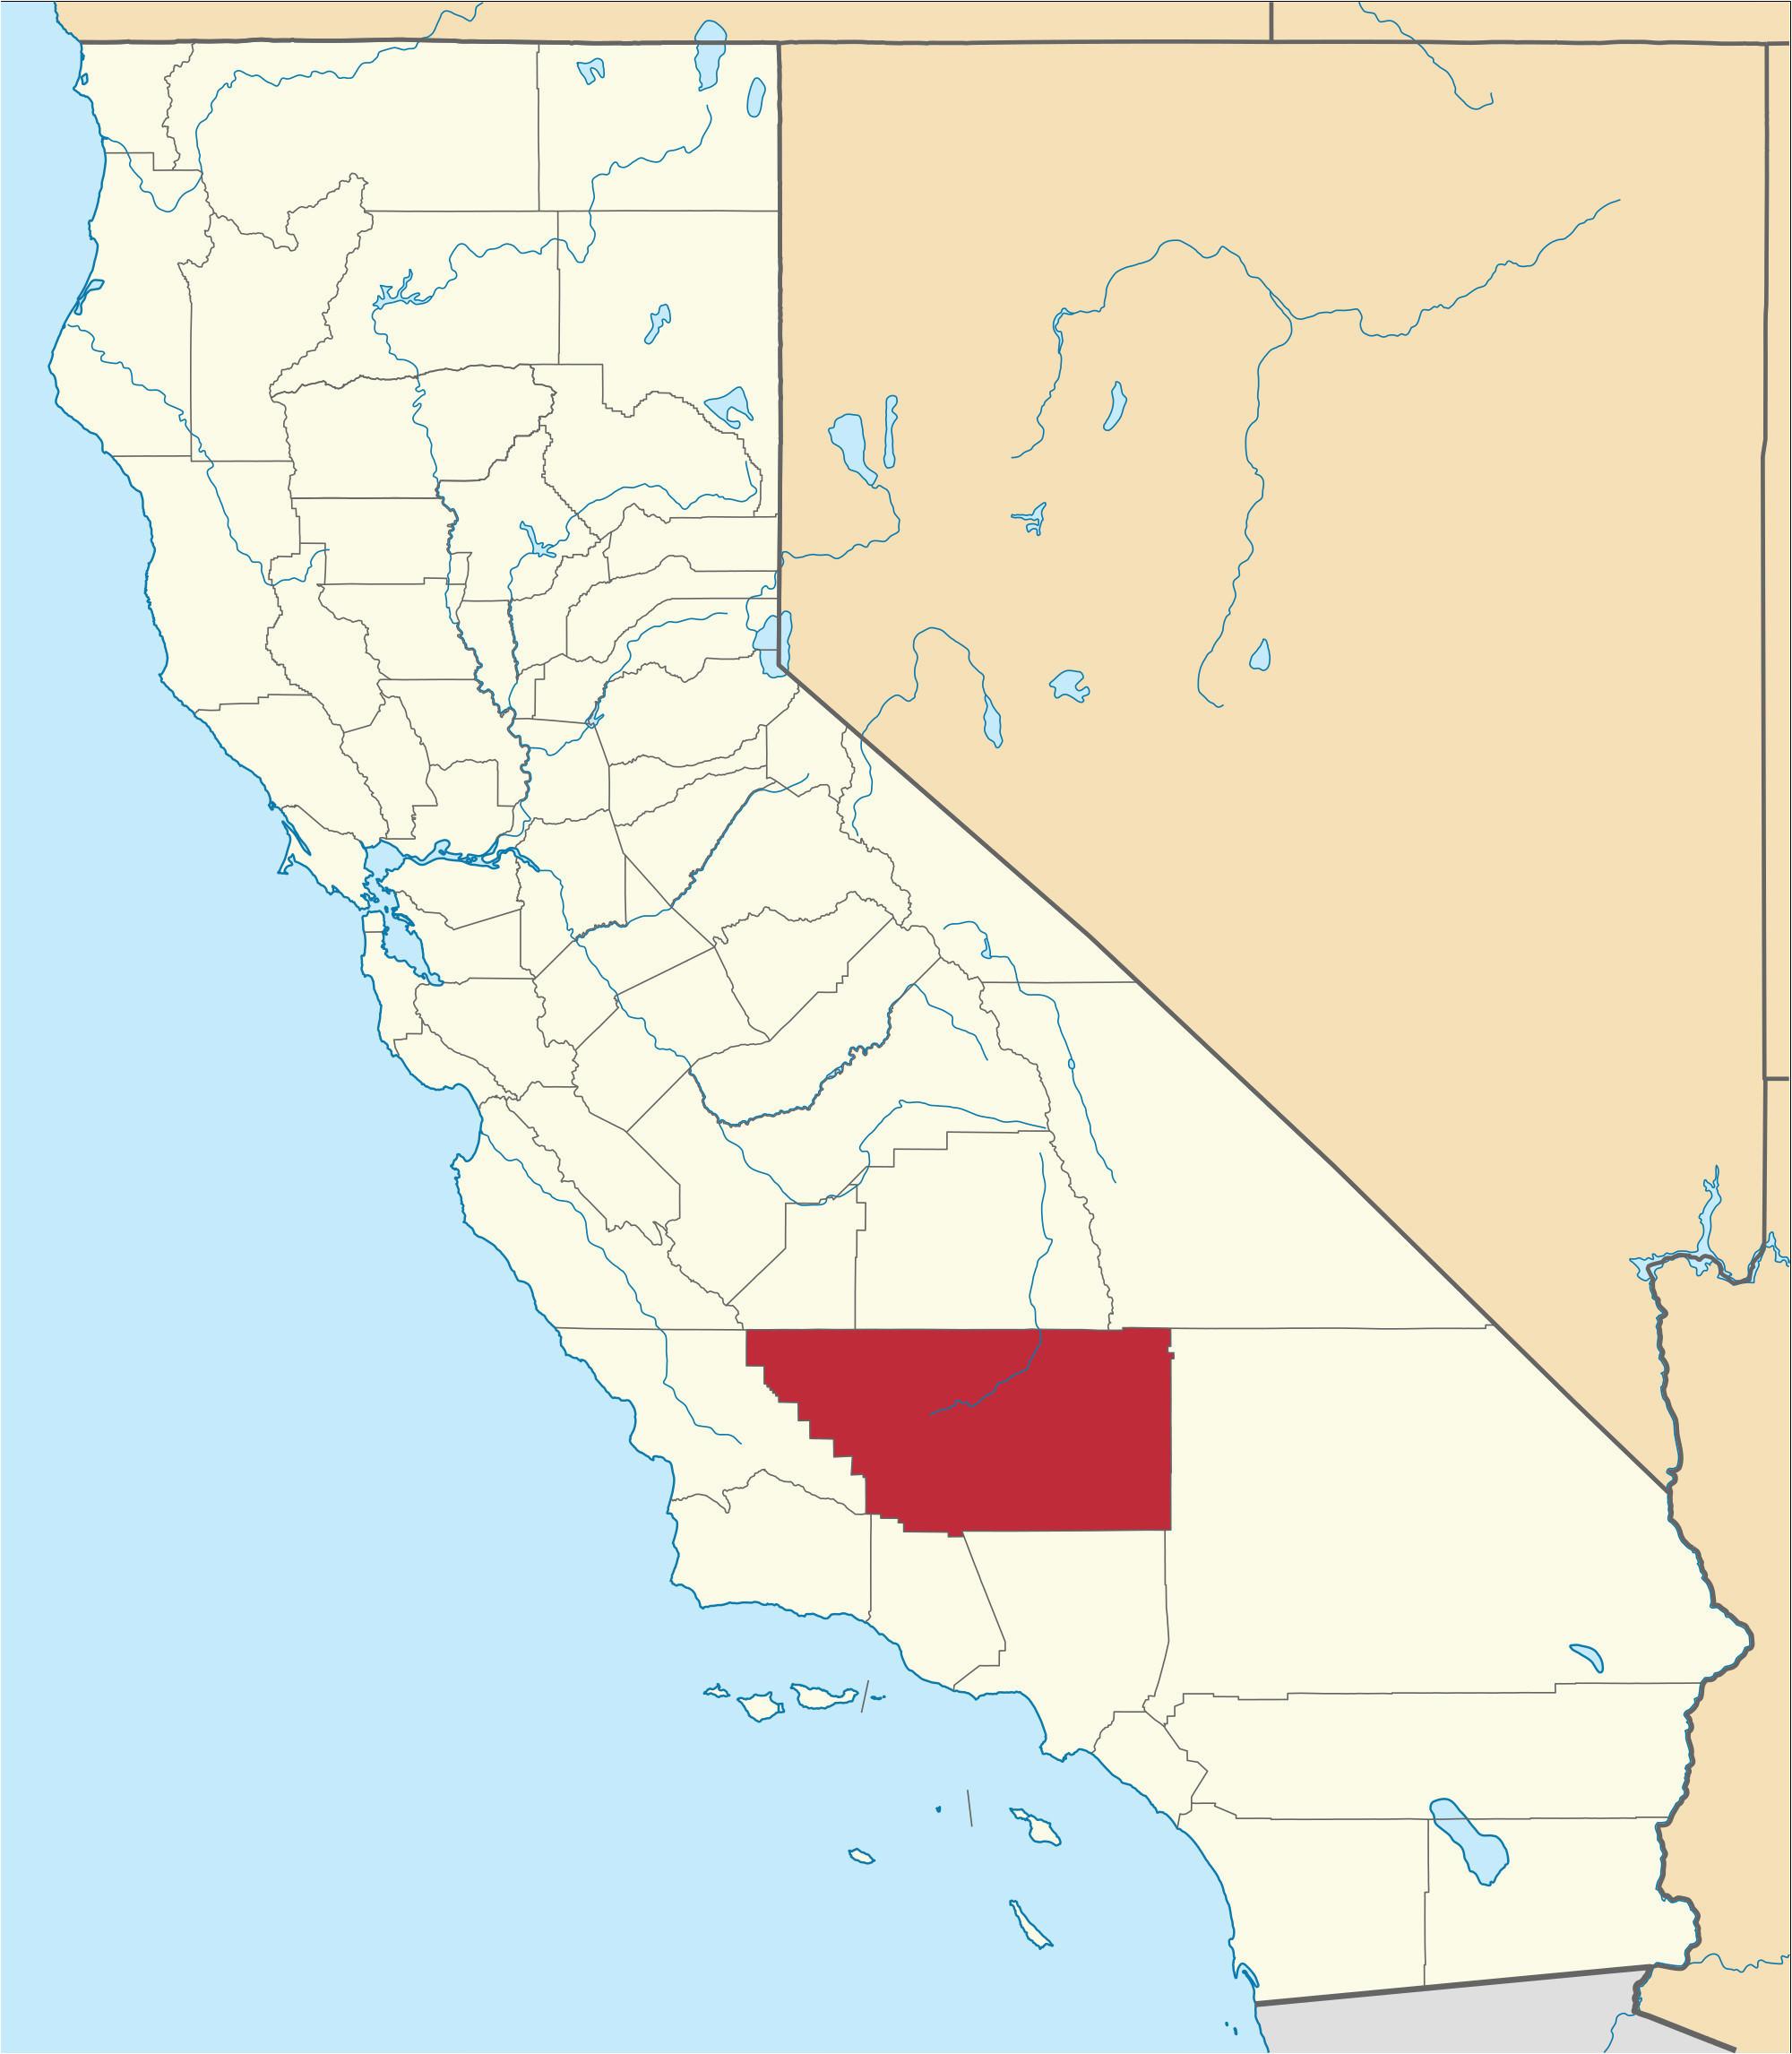 Silicon Valley Karte.Silicon Valley Map California California Map